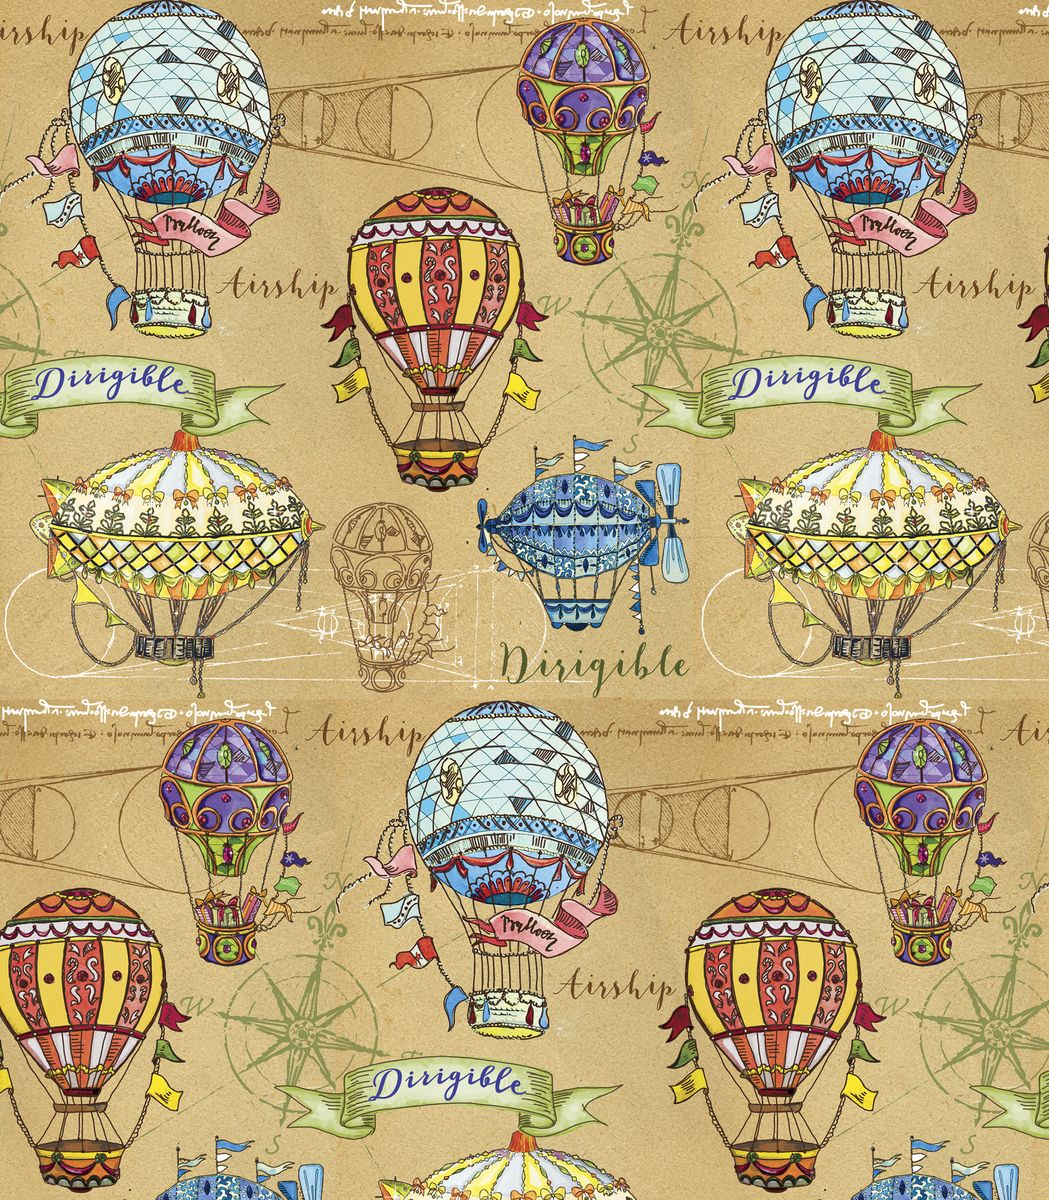 Крафт бумага Magic Home Воздушные шары, немелованная, 100 х 70 см75226Крафт бумага для сувенирной продукции ВОЗДУШНЫЕ ШАРЫ от Magic Time - это стильный и практичный вариант упаковки подарка. Авторский дизайн, красочное изображение, тематический рисунок - все слагаемые оригинального оформления подарка. Окружите близких людей вниманием и заботой, эффектно вручив презент в нарядном, праздничном оформлении.